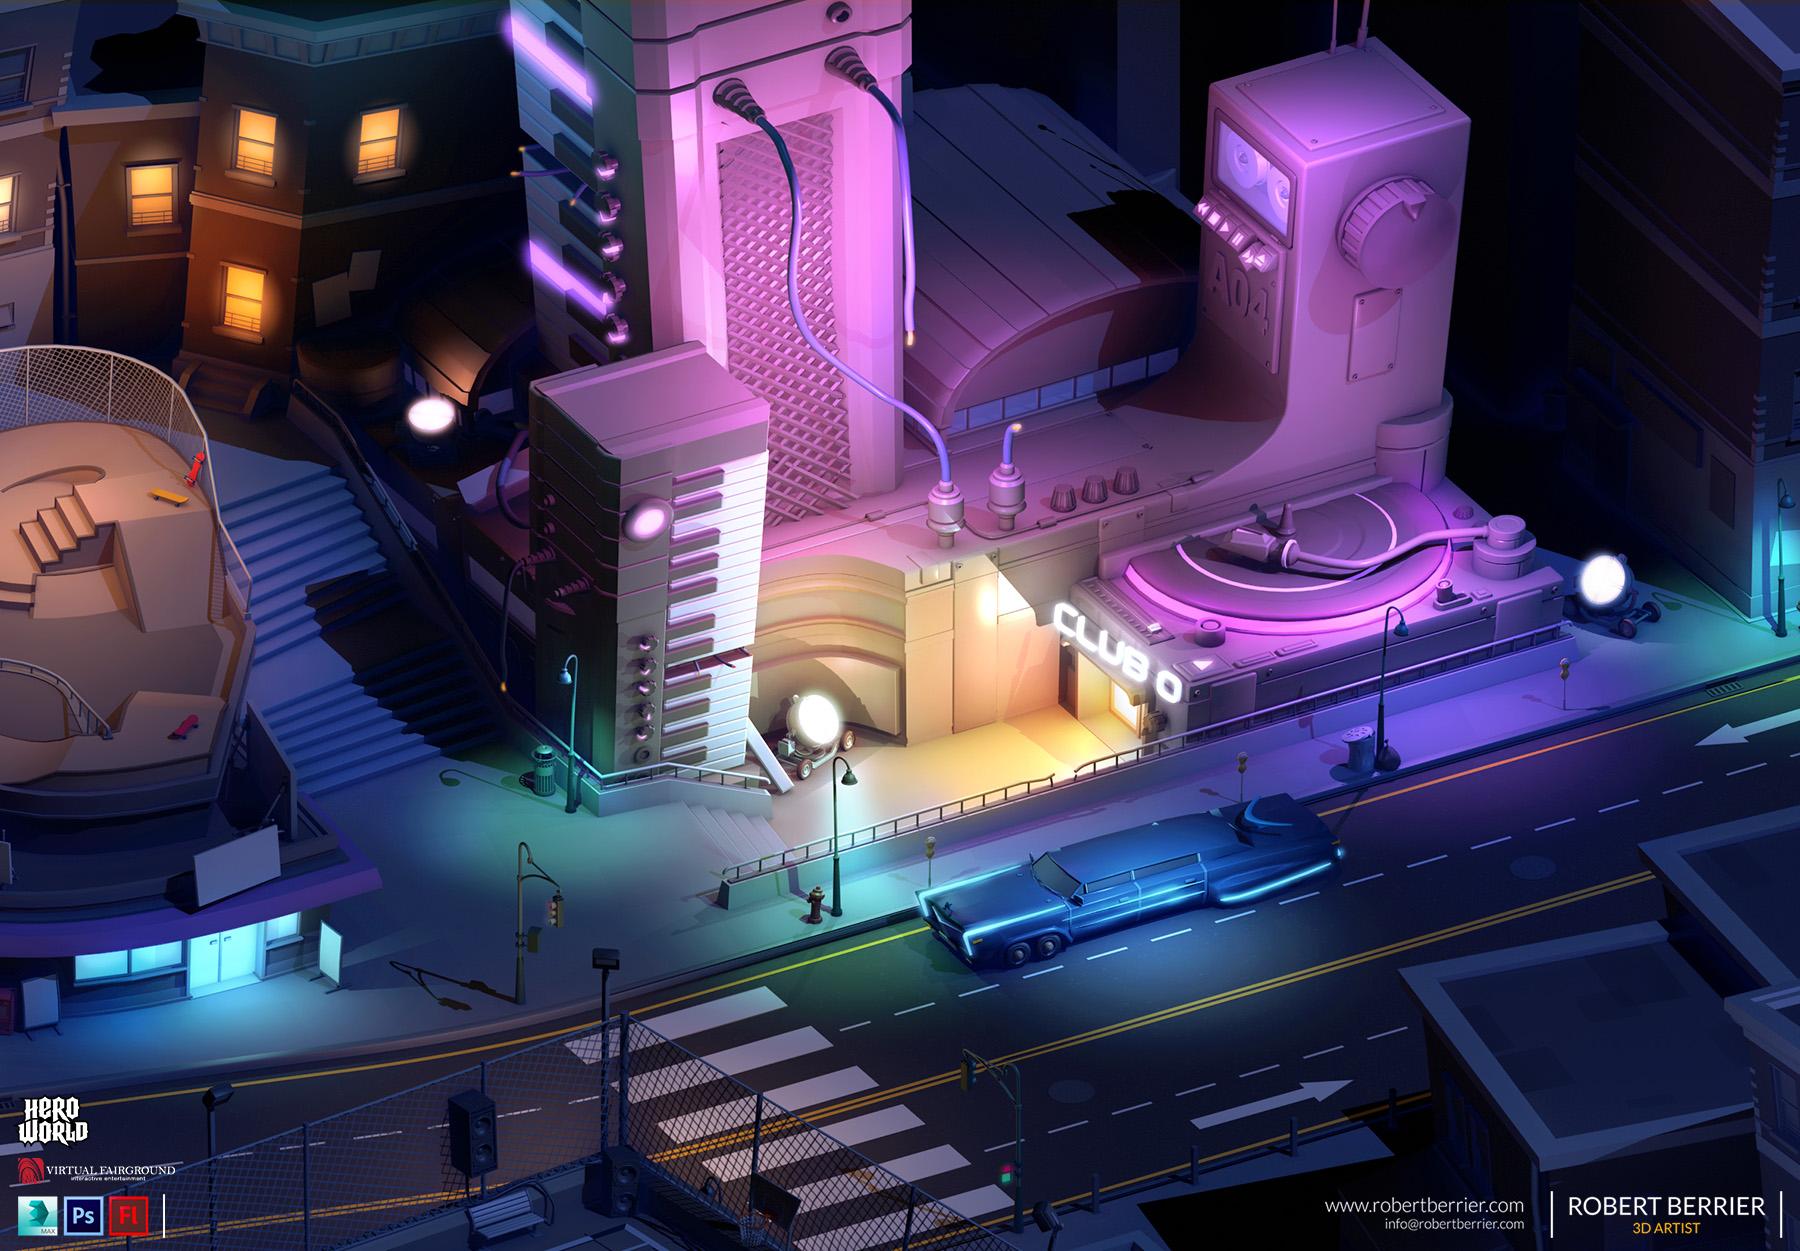 Robert Berrier - Activision - Hero World Club Daft